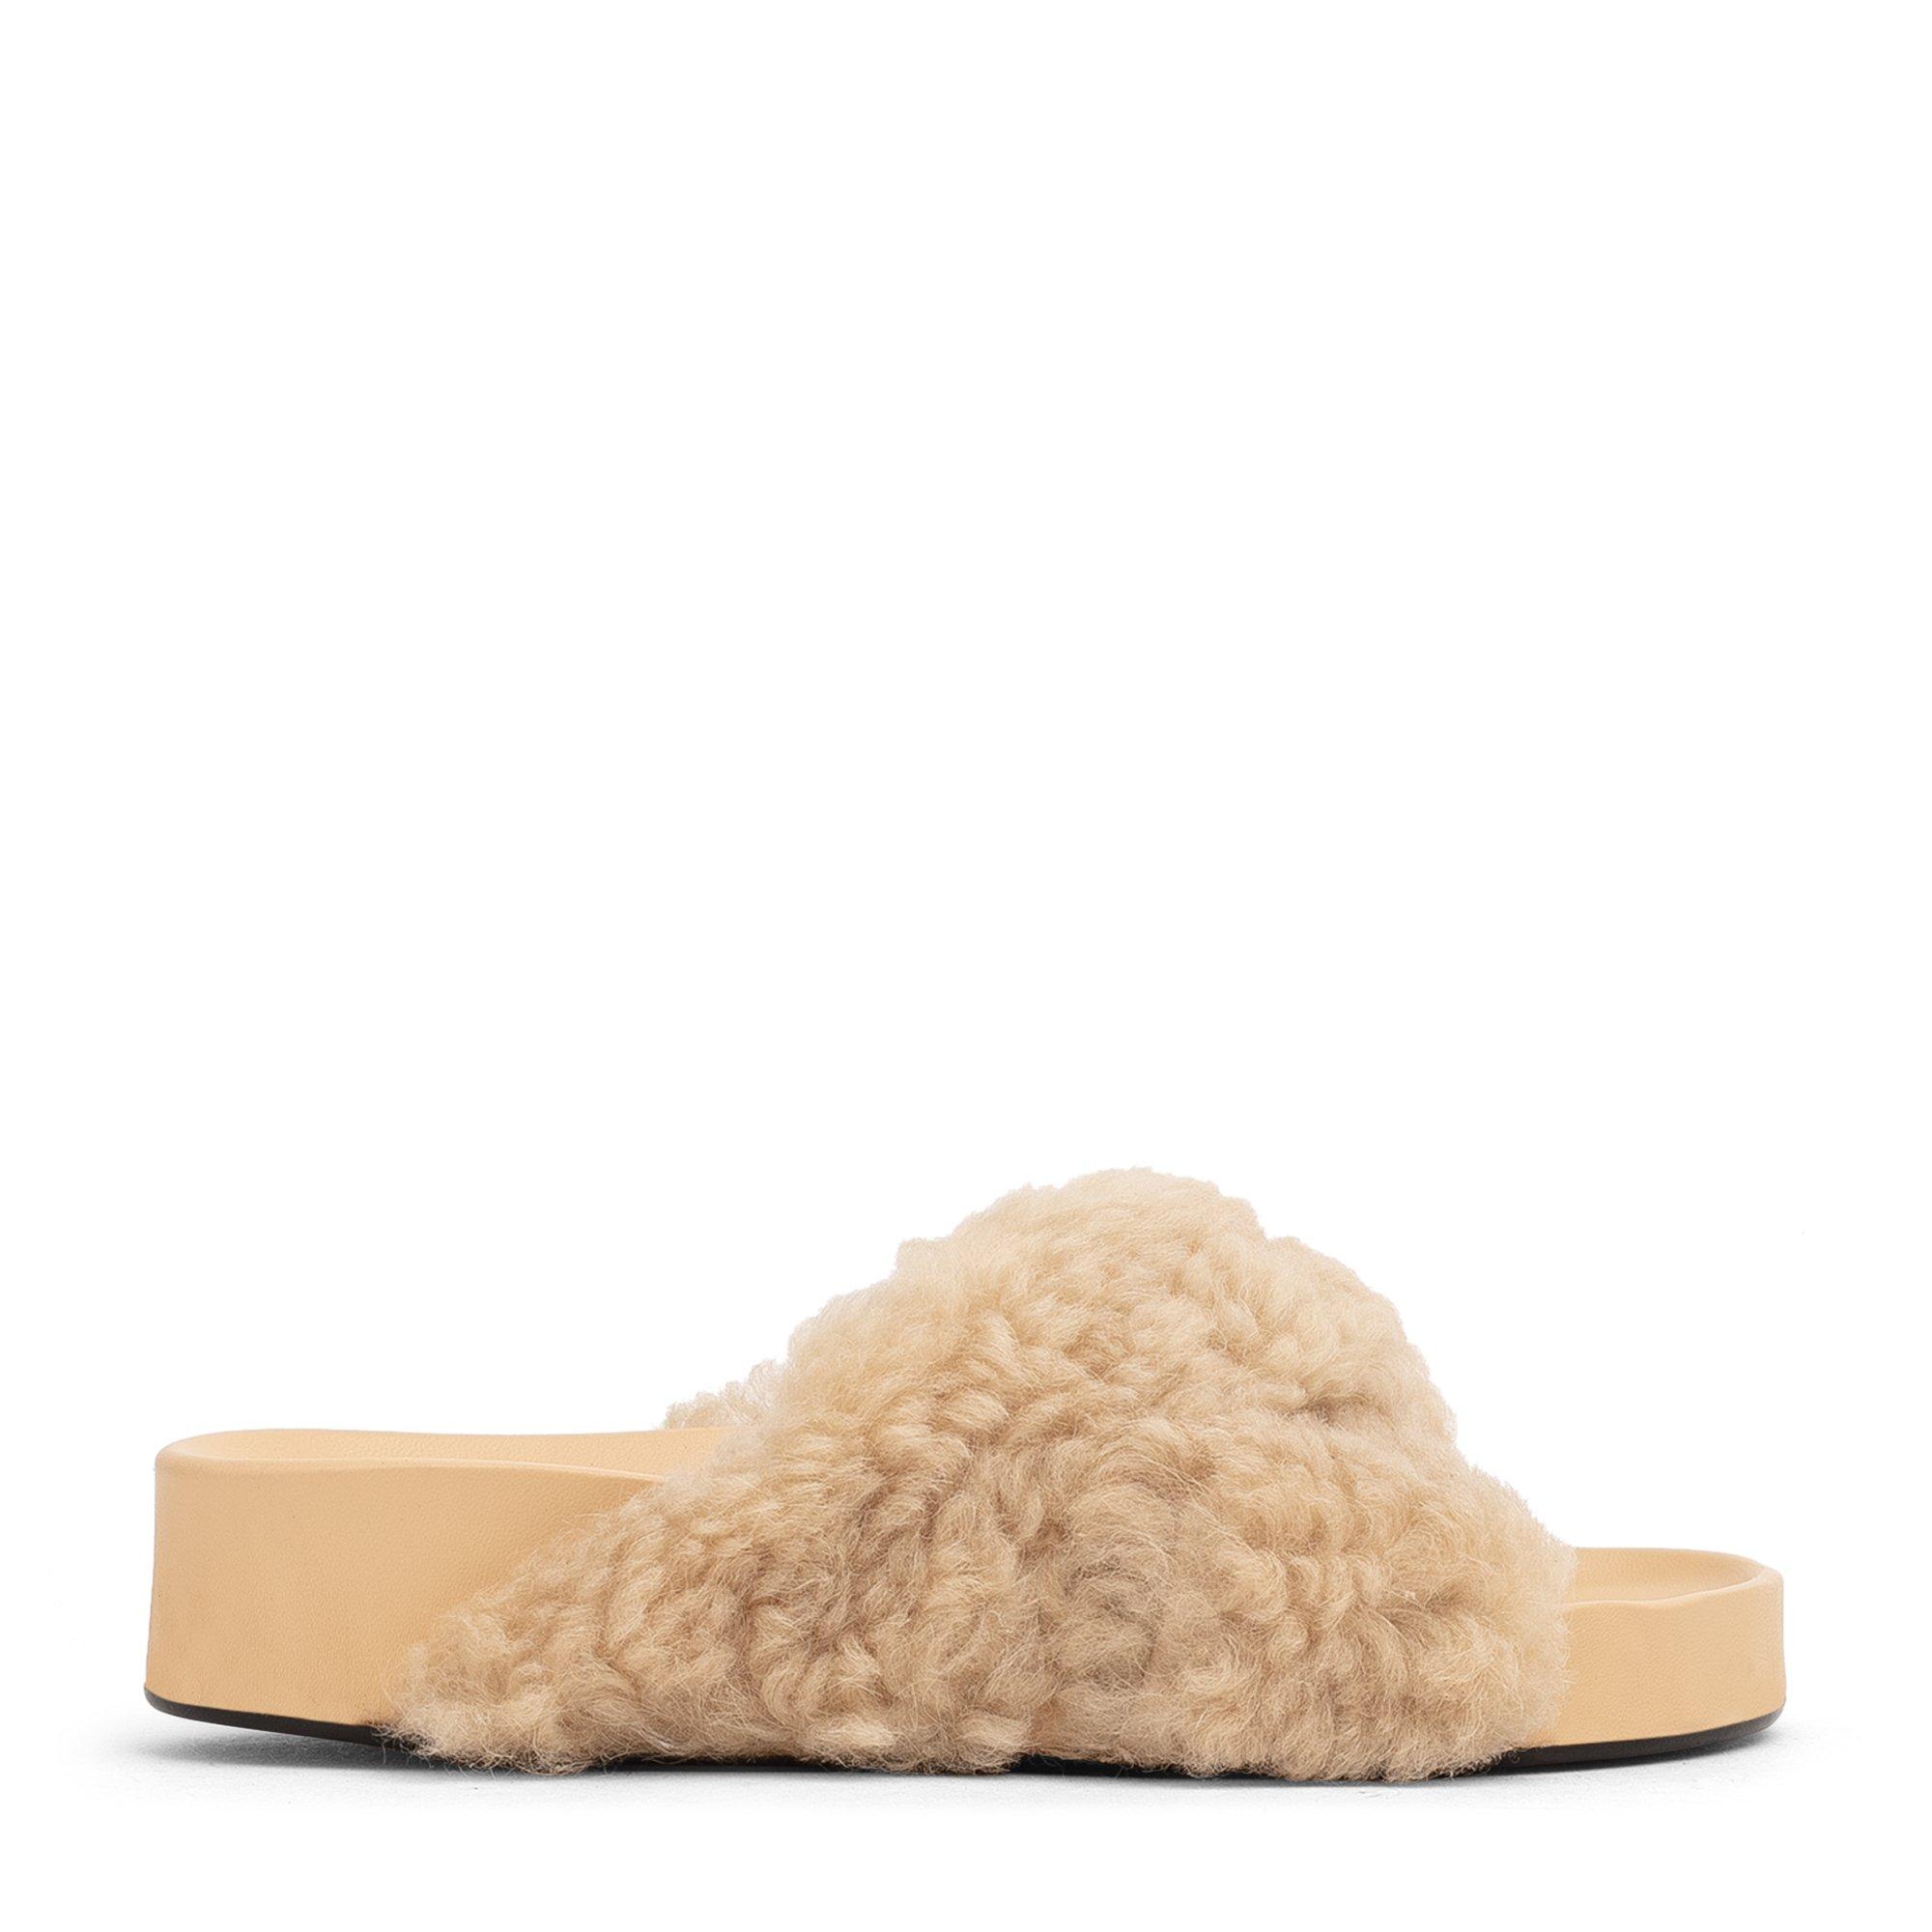 Urbino sandals